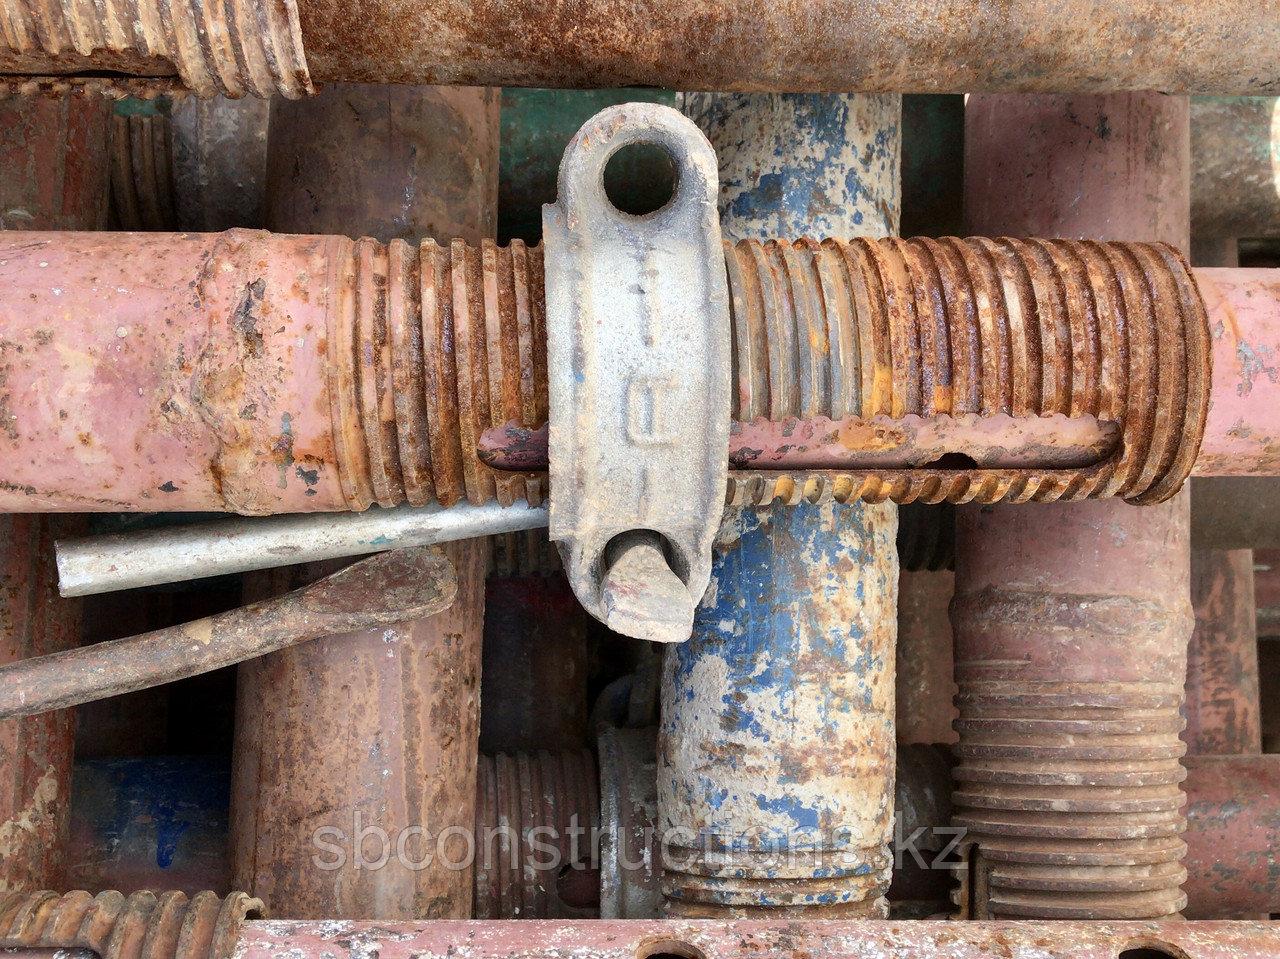 Стойка телескопическая для опалубки перекрытия (струбцина, домкрат)